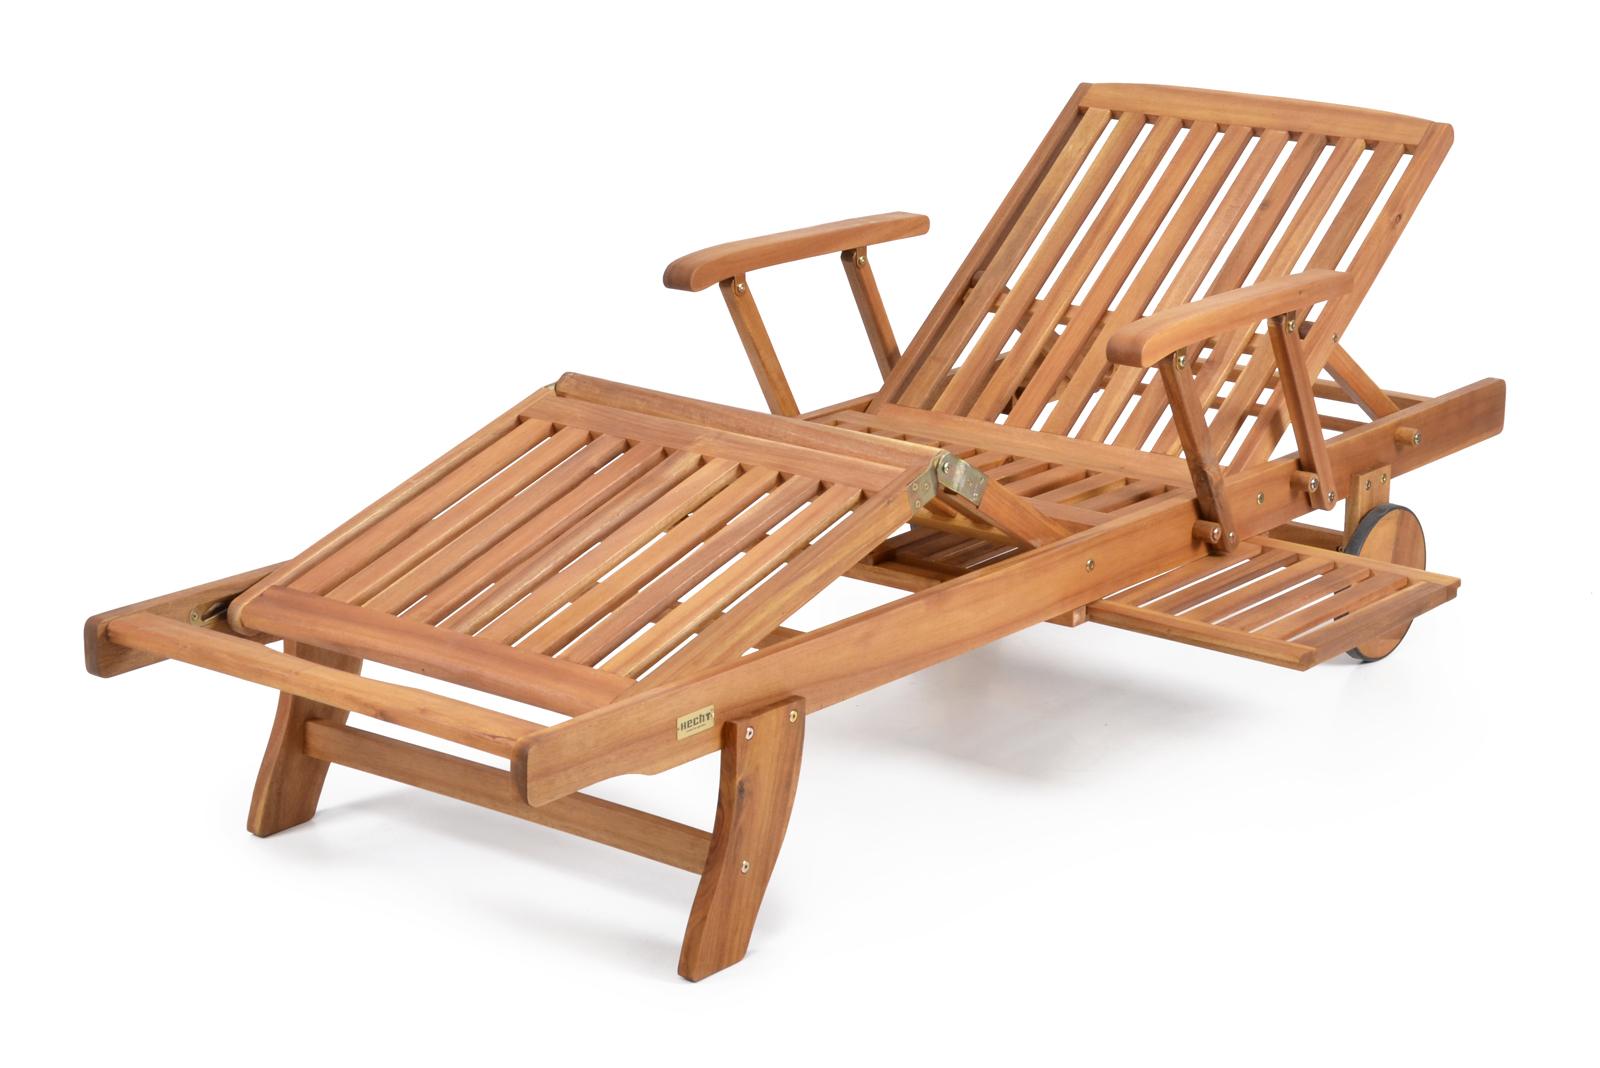 Záhradné lehátko - Hecht - Comfort (akácia)